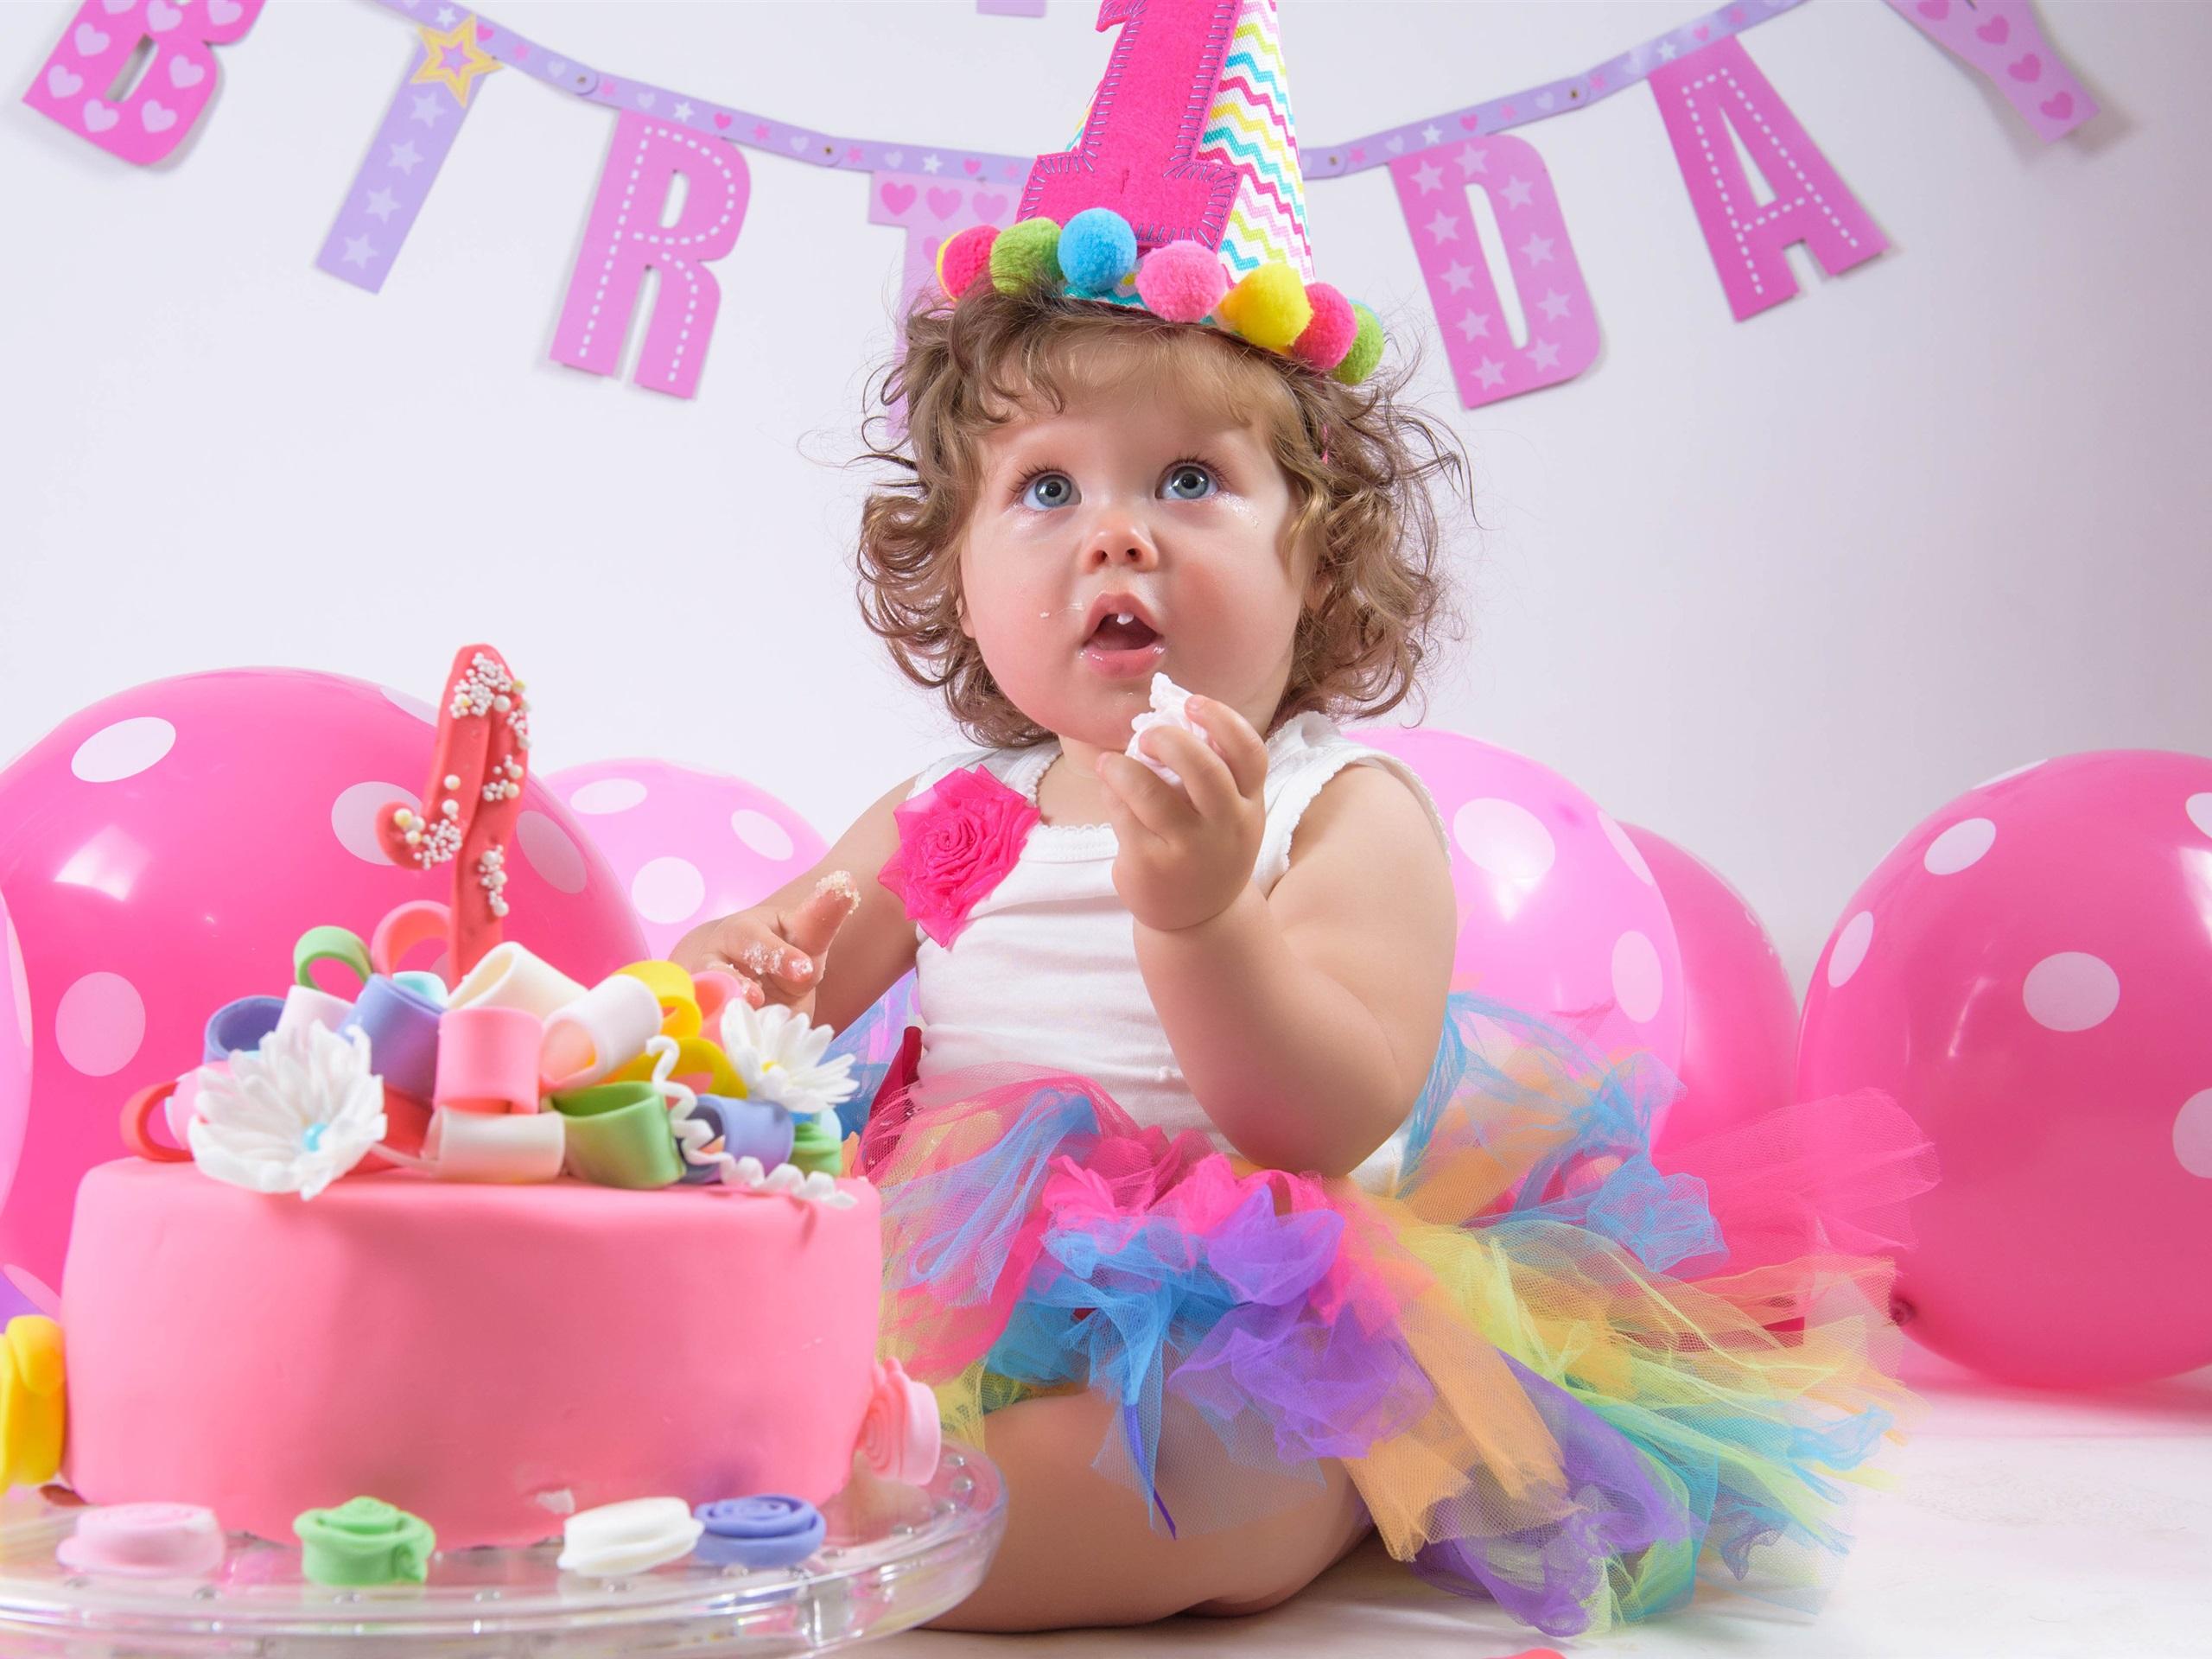 Alles Gute Zum Geburtstag Kind Mädchen Kuchen Ballons 3840x2160